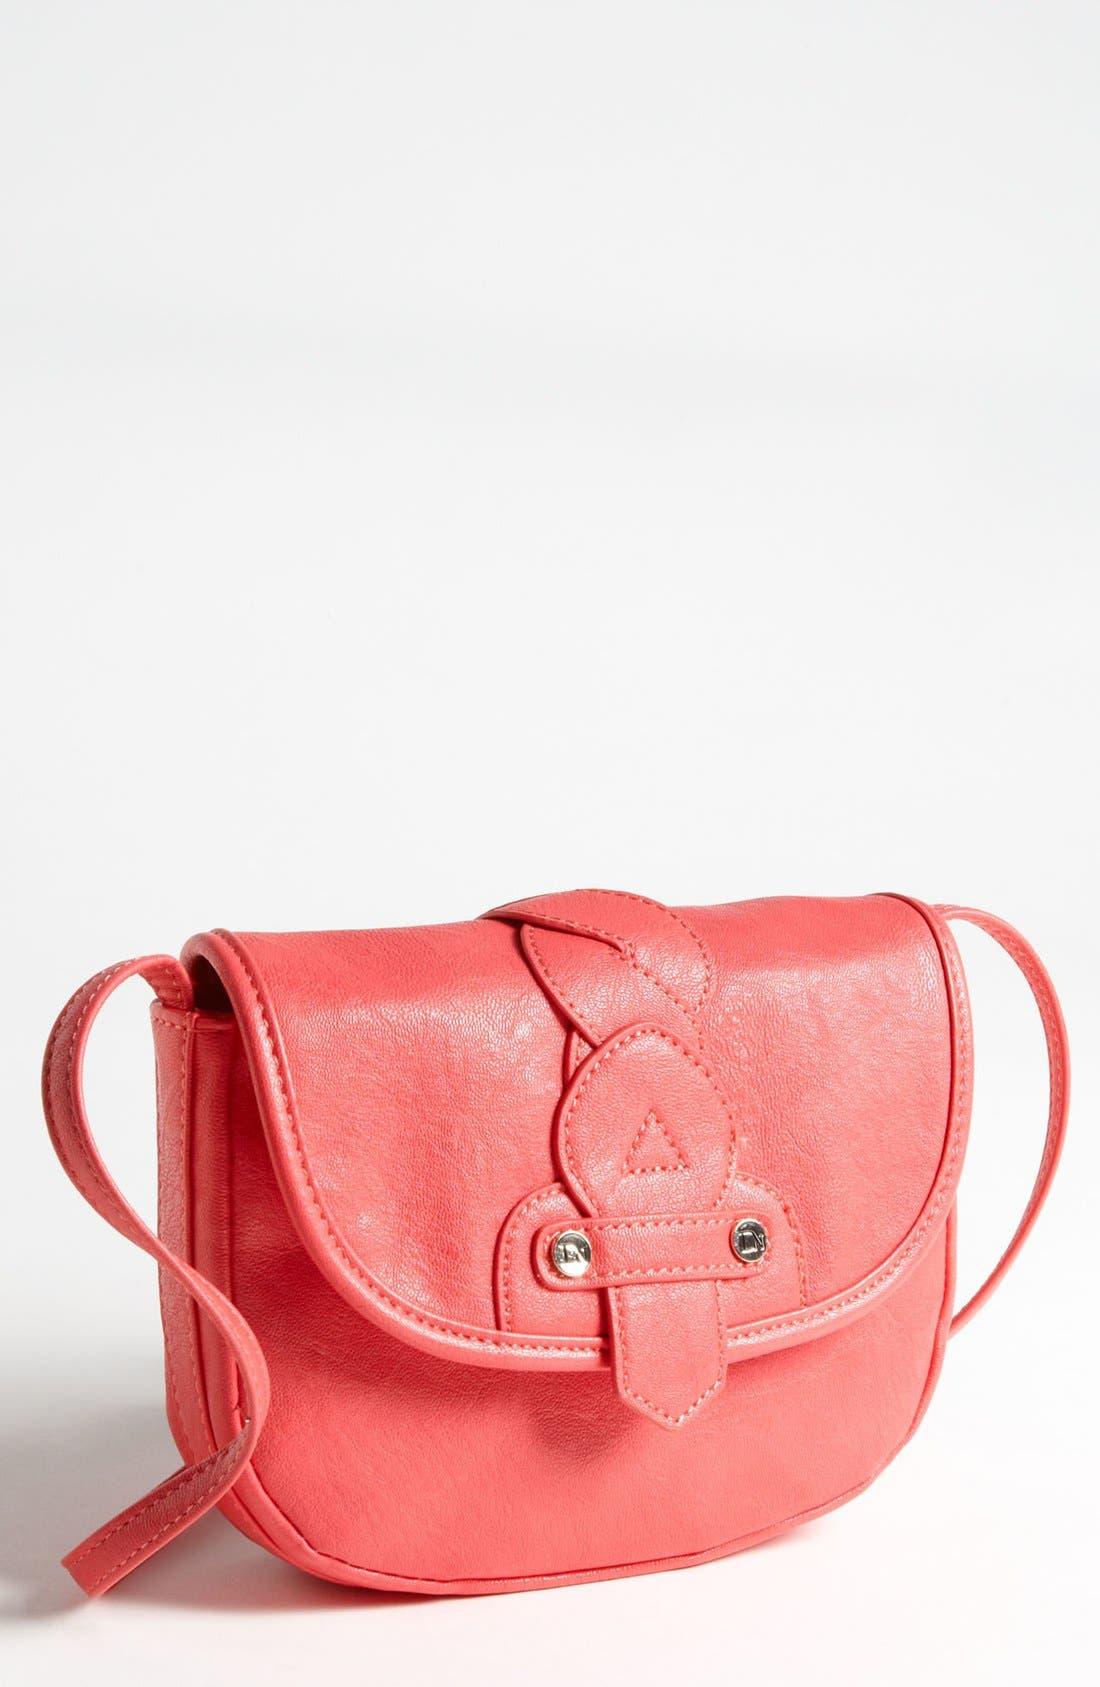 Main Image - Danielle Nicole 'Nola' Faux Leather Crossbody Bag